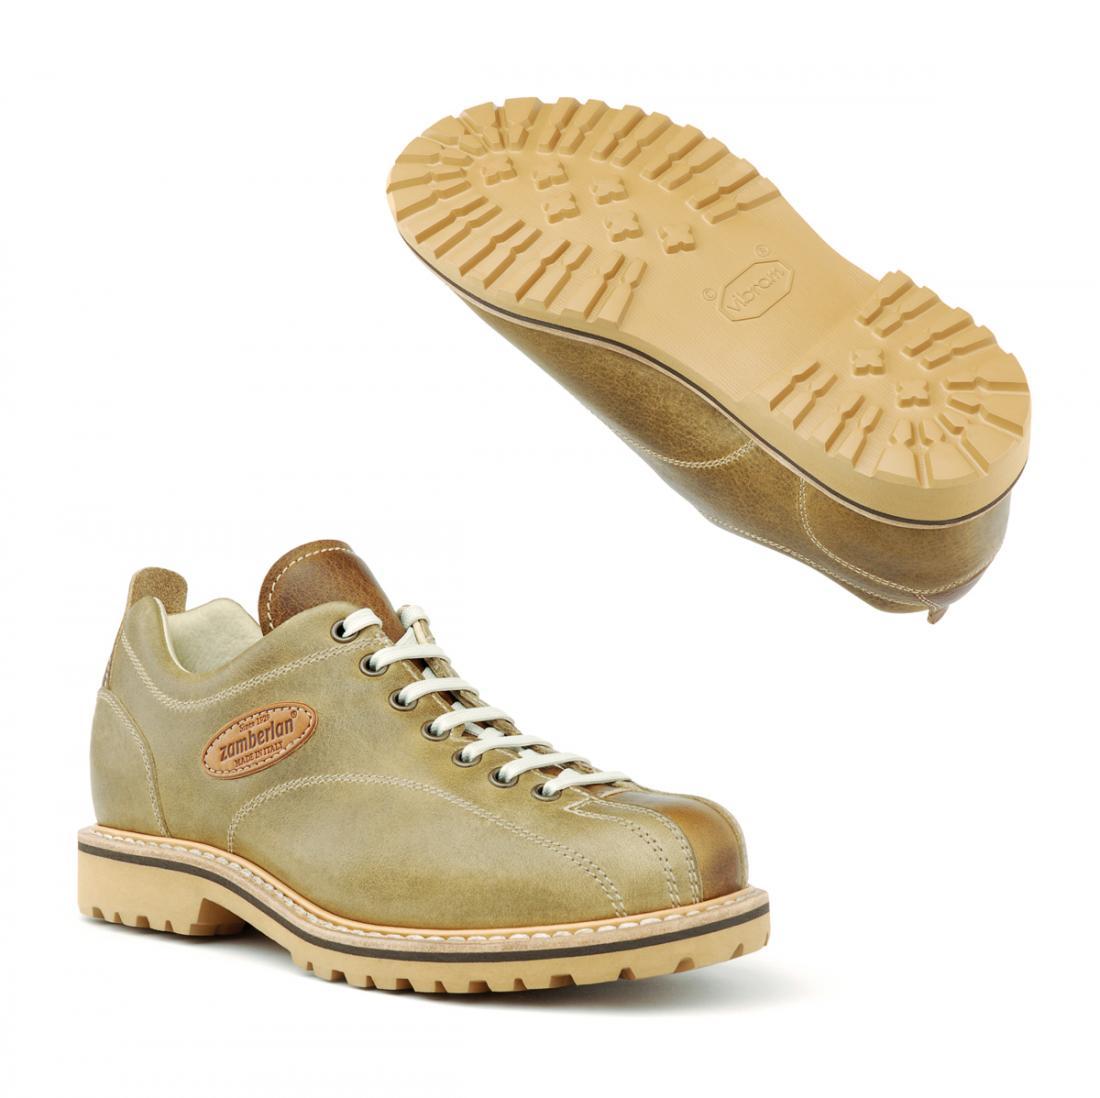 Ботинки 1120 CORTINA LOW GW WNSАльпинистские<br>Современные классические ботинки в городском стиле, созданные вручную мастерами Италии с применением специального метода конструкции Goodyear welted. Удобные и гибкие, они изготовлены с использованием уникальной конструкции обуви, мягкой телячьей кожи ...<br><br>Цвет: Бежевый<br>Размер: 37.5